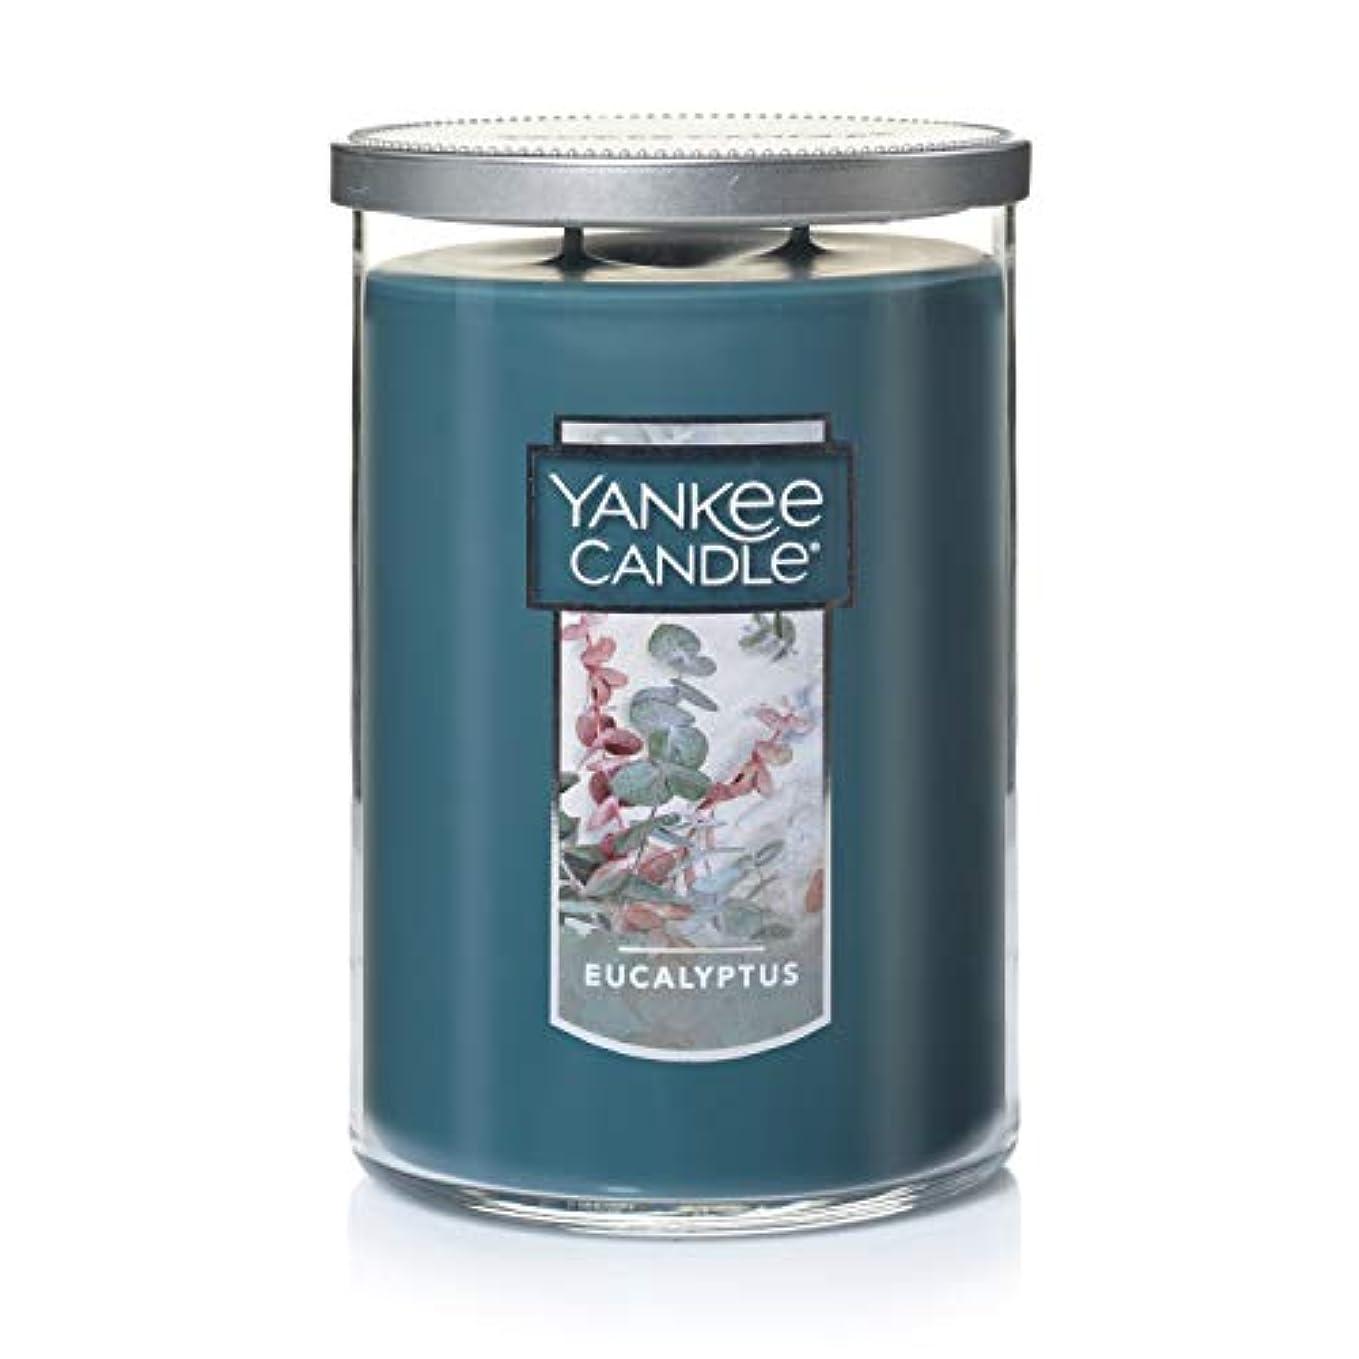 アイデアはがき換気するYankee Candleユーカリ、新鮮な香り Large 2-Wick Tumbler Candle グリーン 1185965Z